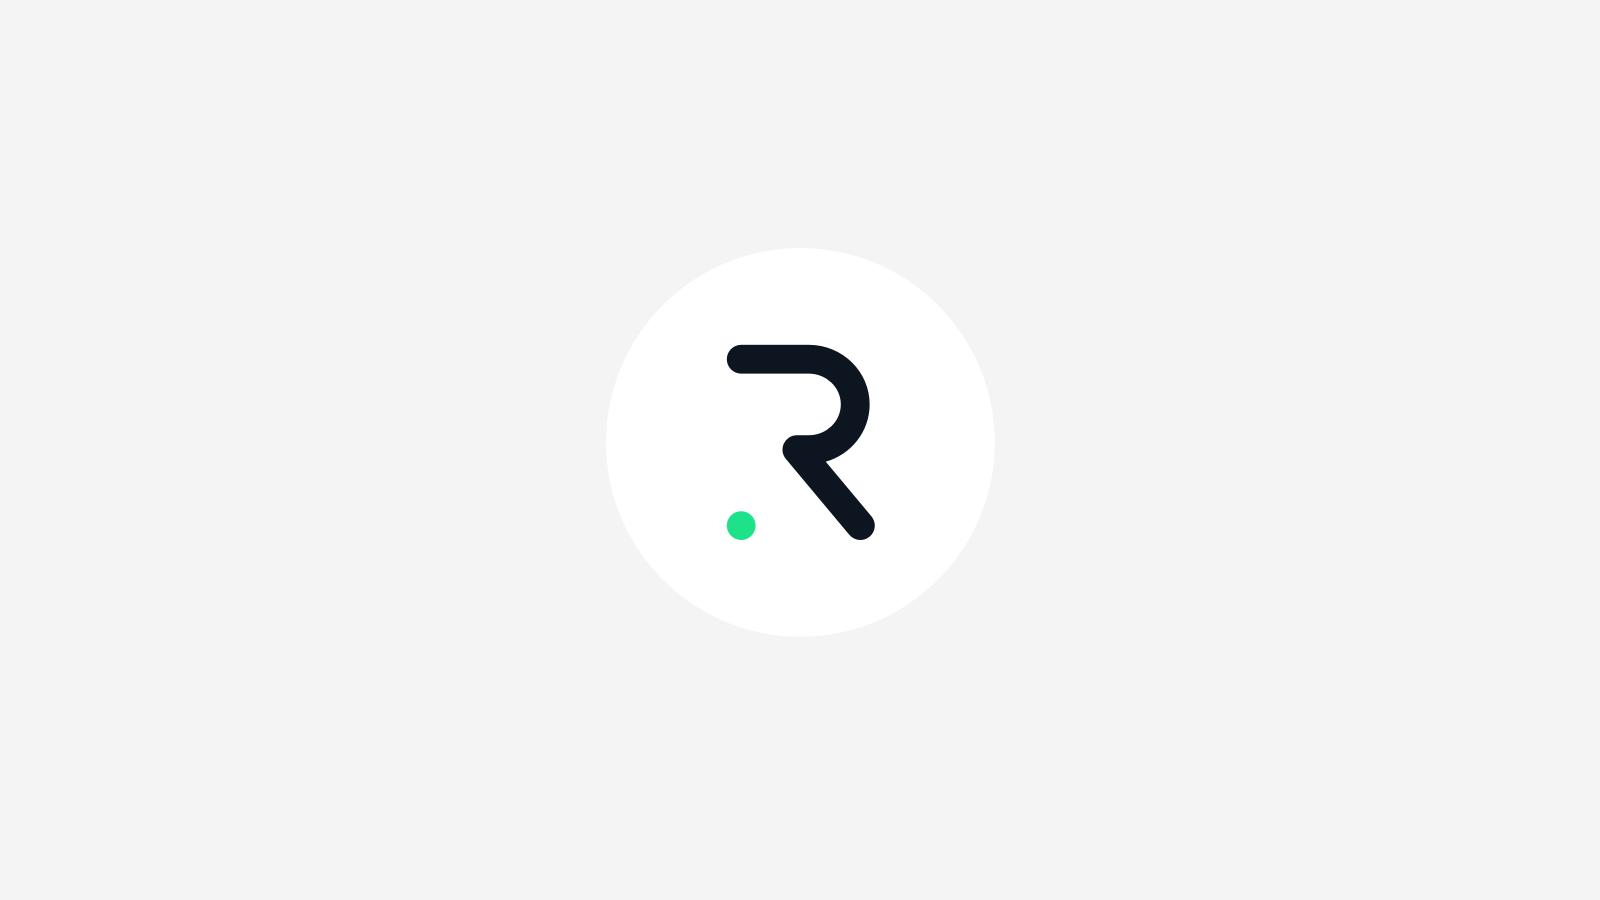 rocos_mark